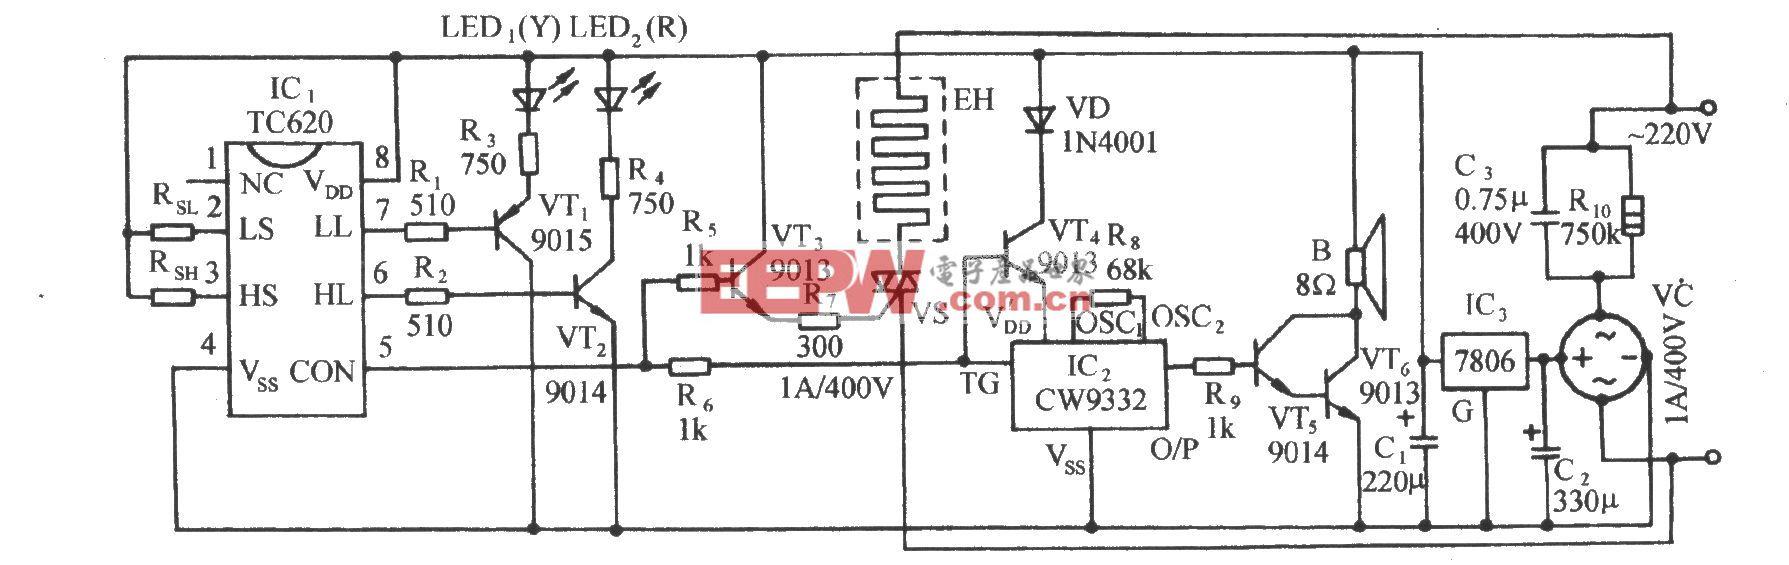 TC620温度传感自动加热恒温控制电路